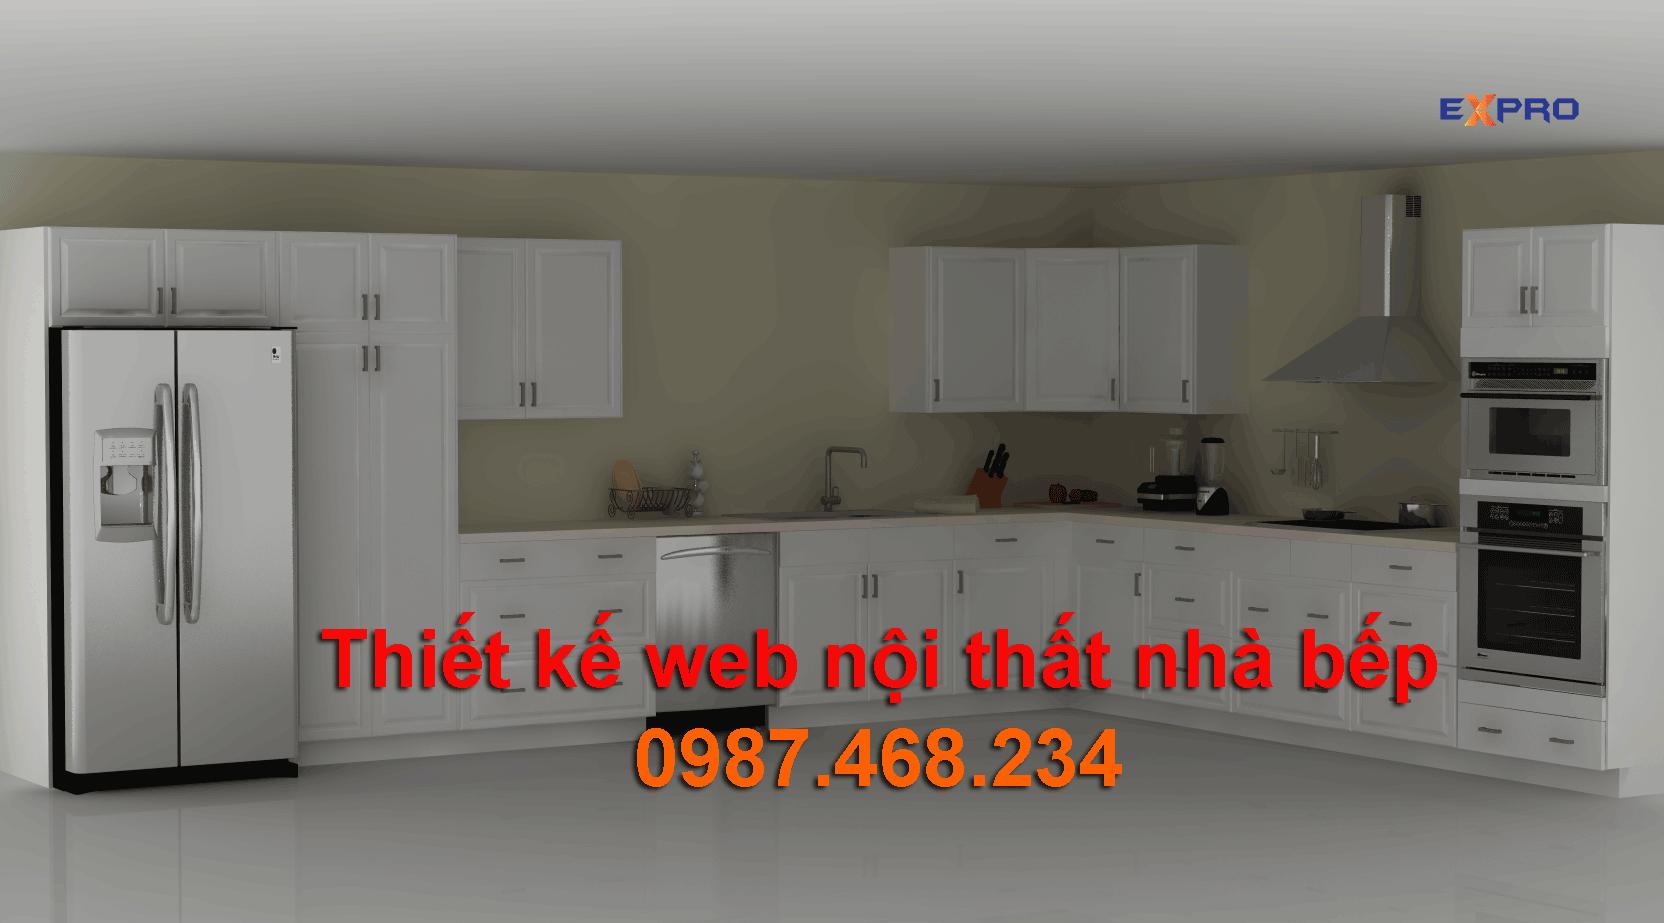 Thiết kế web nội thất nhà bếp chuyên nghiệp